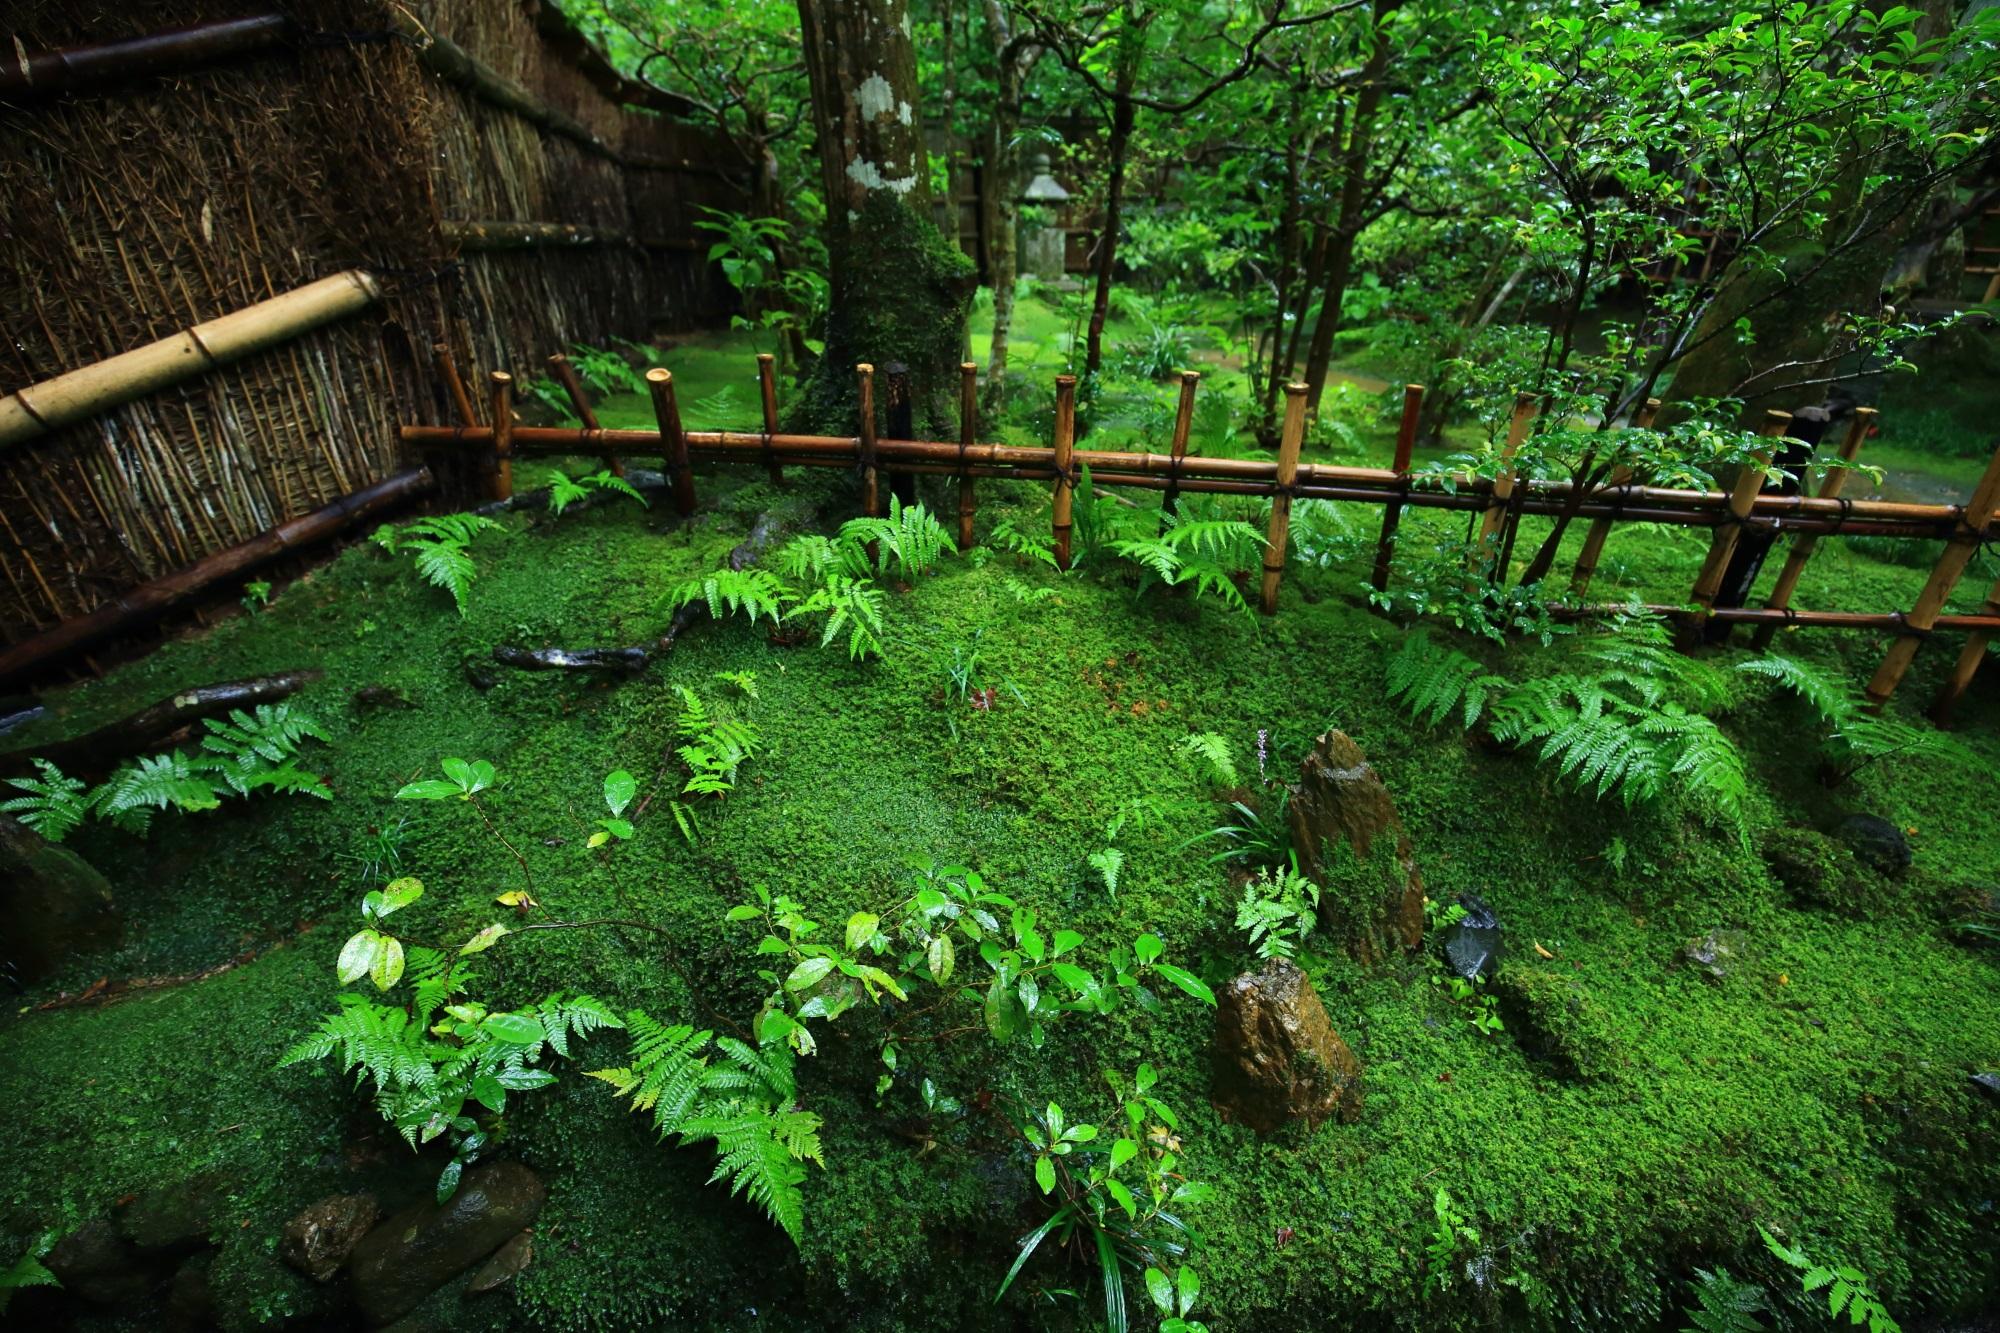 入口付近の圧倒的な緑の苔やシダ